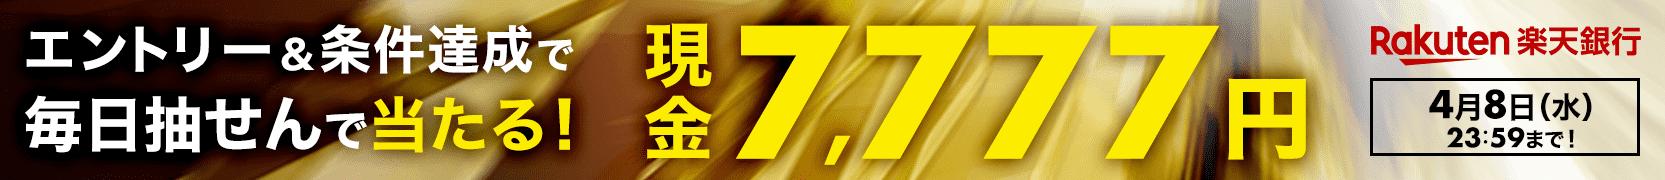 【楽天銀行】エントリー&条件達成すると毎日抽せん!7名さまに現金7,777円プレゼント!